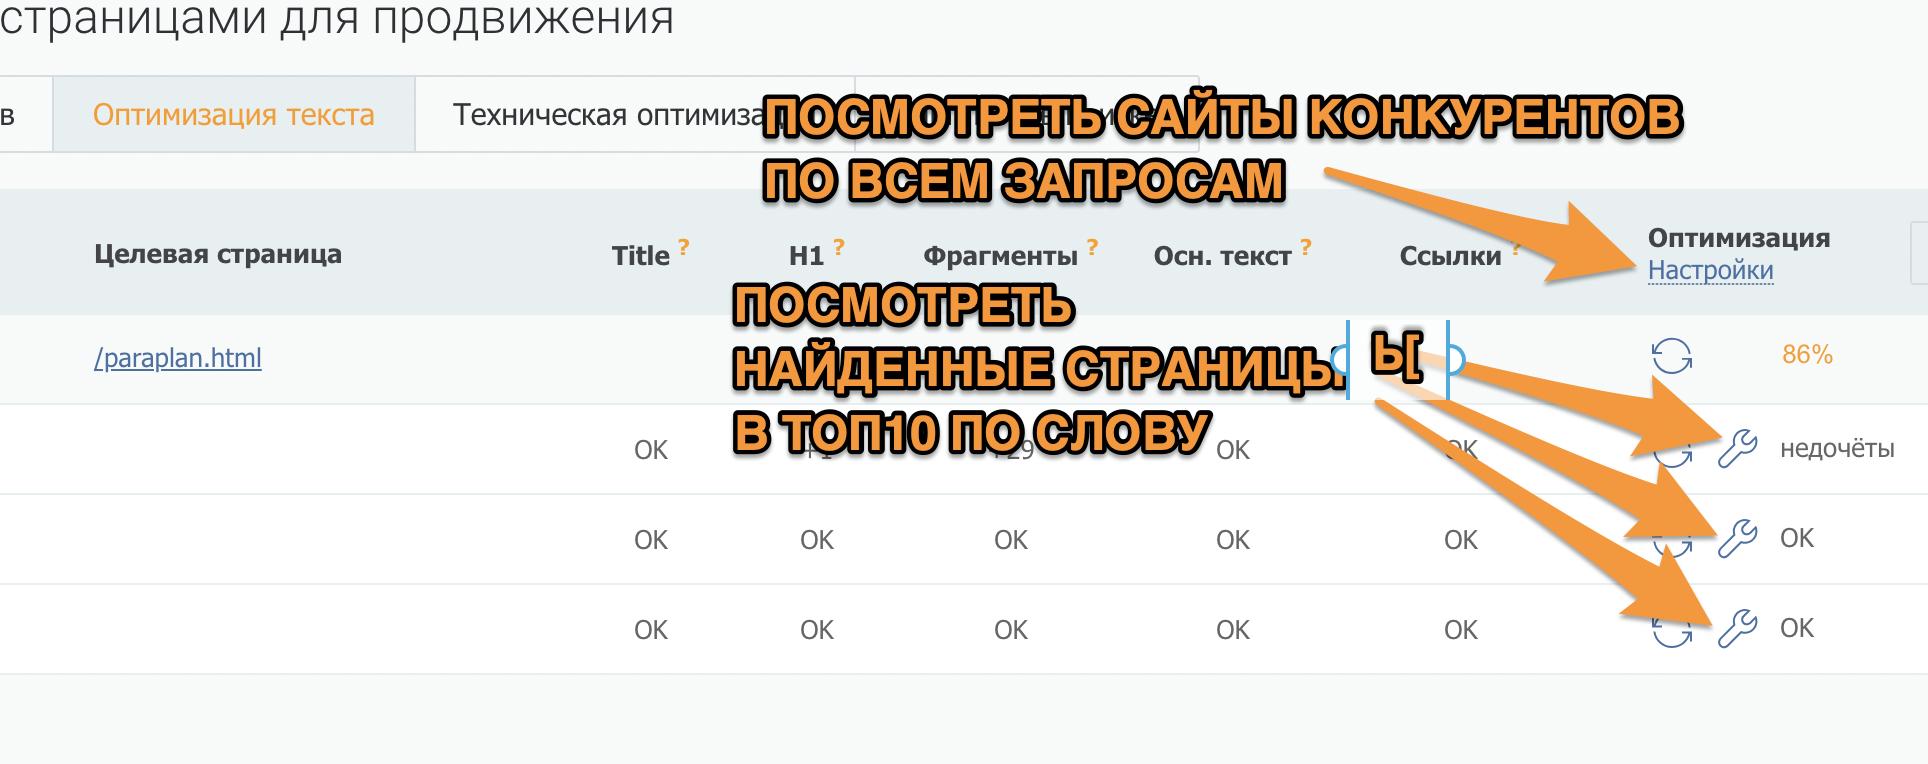 Клик по ссылке «Настройки» откроет список доменов конкурентов по всем запросам, по знаку «Ключа» — страниц конкурентов для каждого запроса в отдельности.